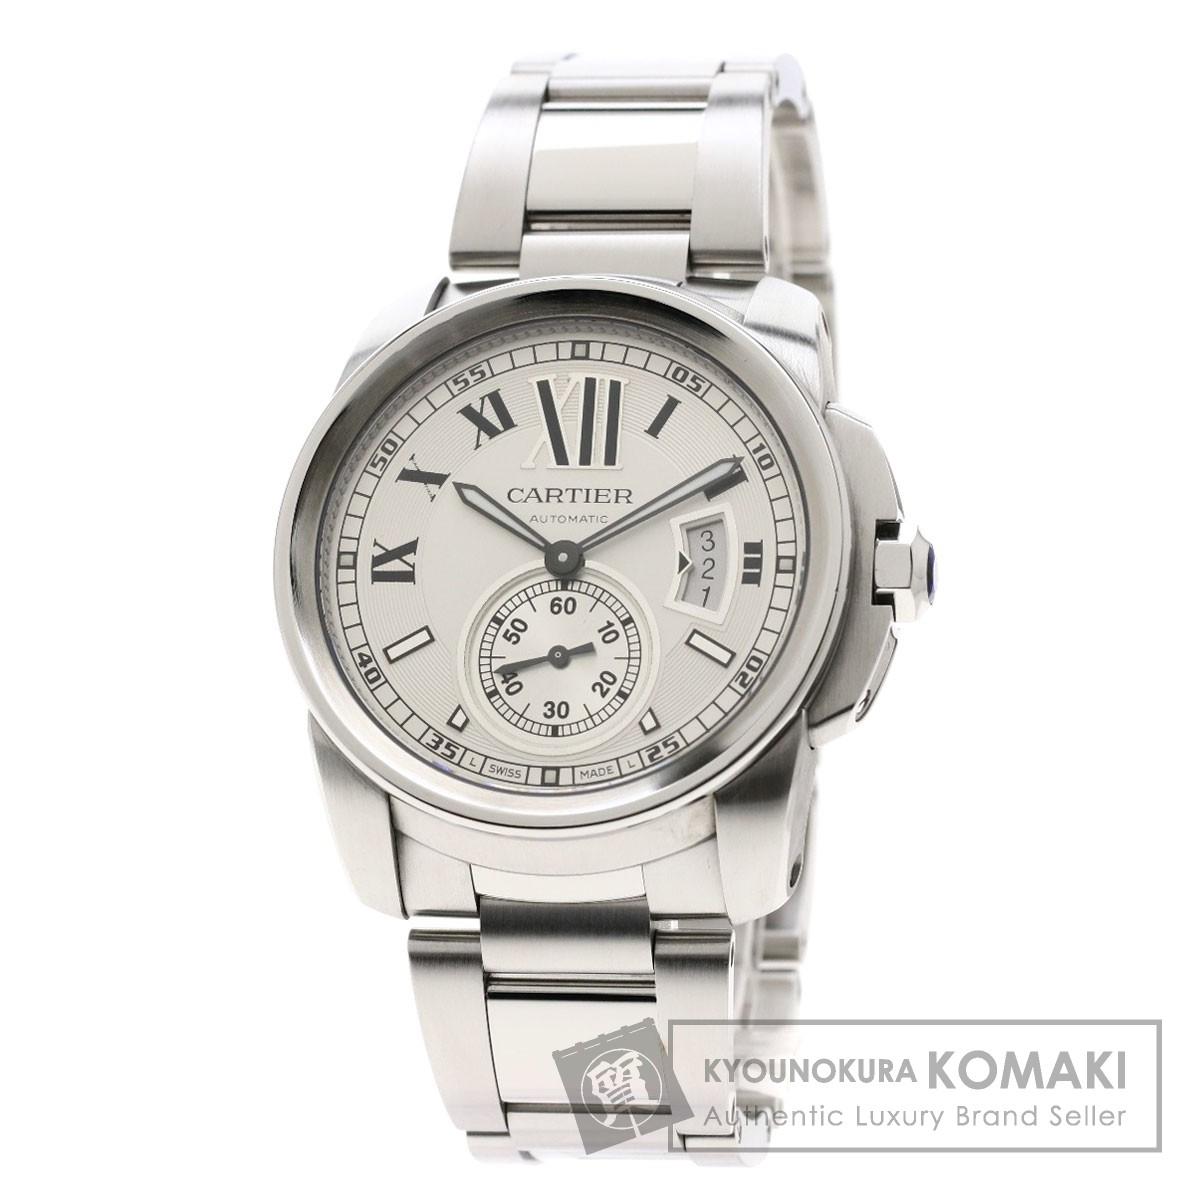 カルティエ W7100015 カリブル ドゥ カルティエ 腕時計 ステンレススチール/SS メンズ 【中古】【CARTIER】